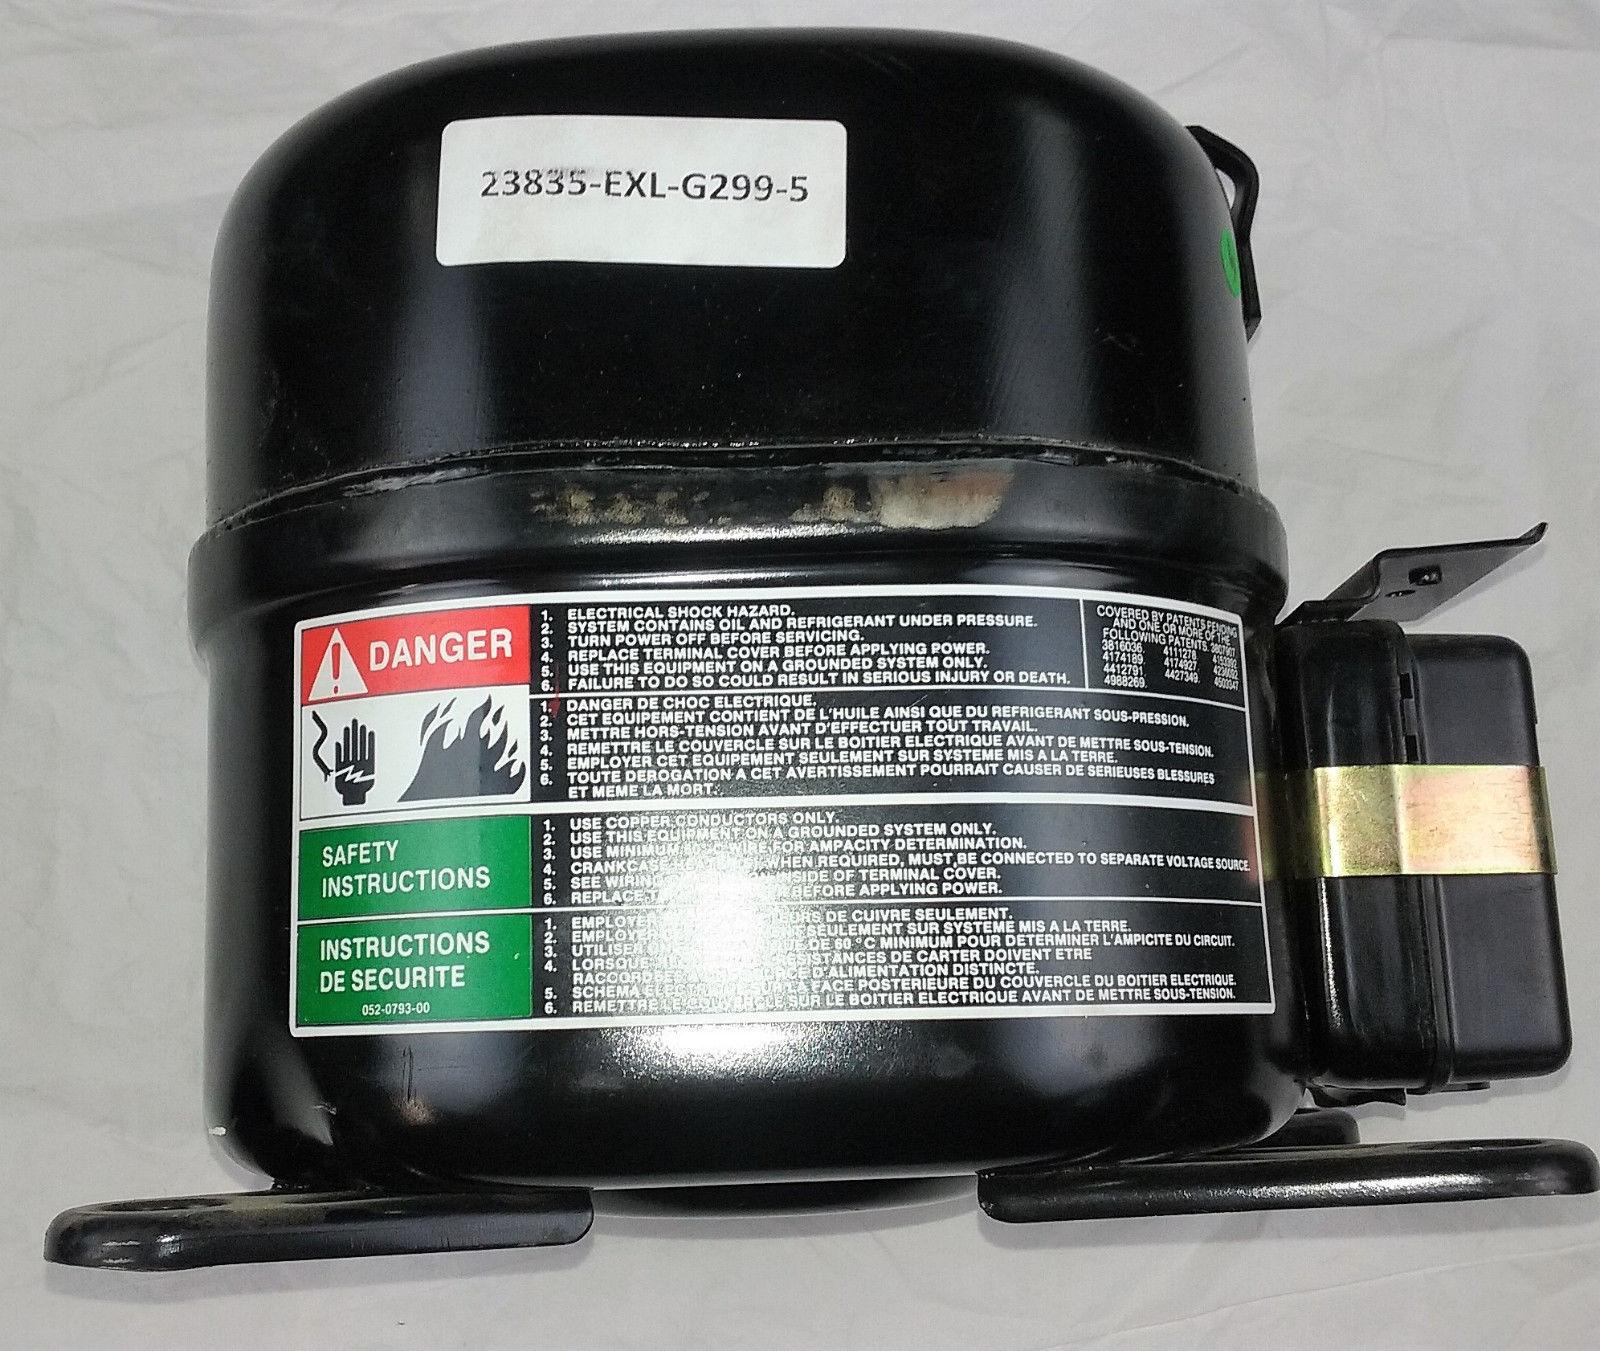 Compressor Refrigeration Copeland JRL4-0050-IAA-724 Volts 115-110 image 3